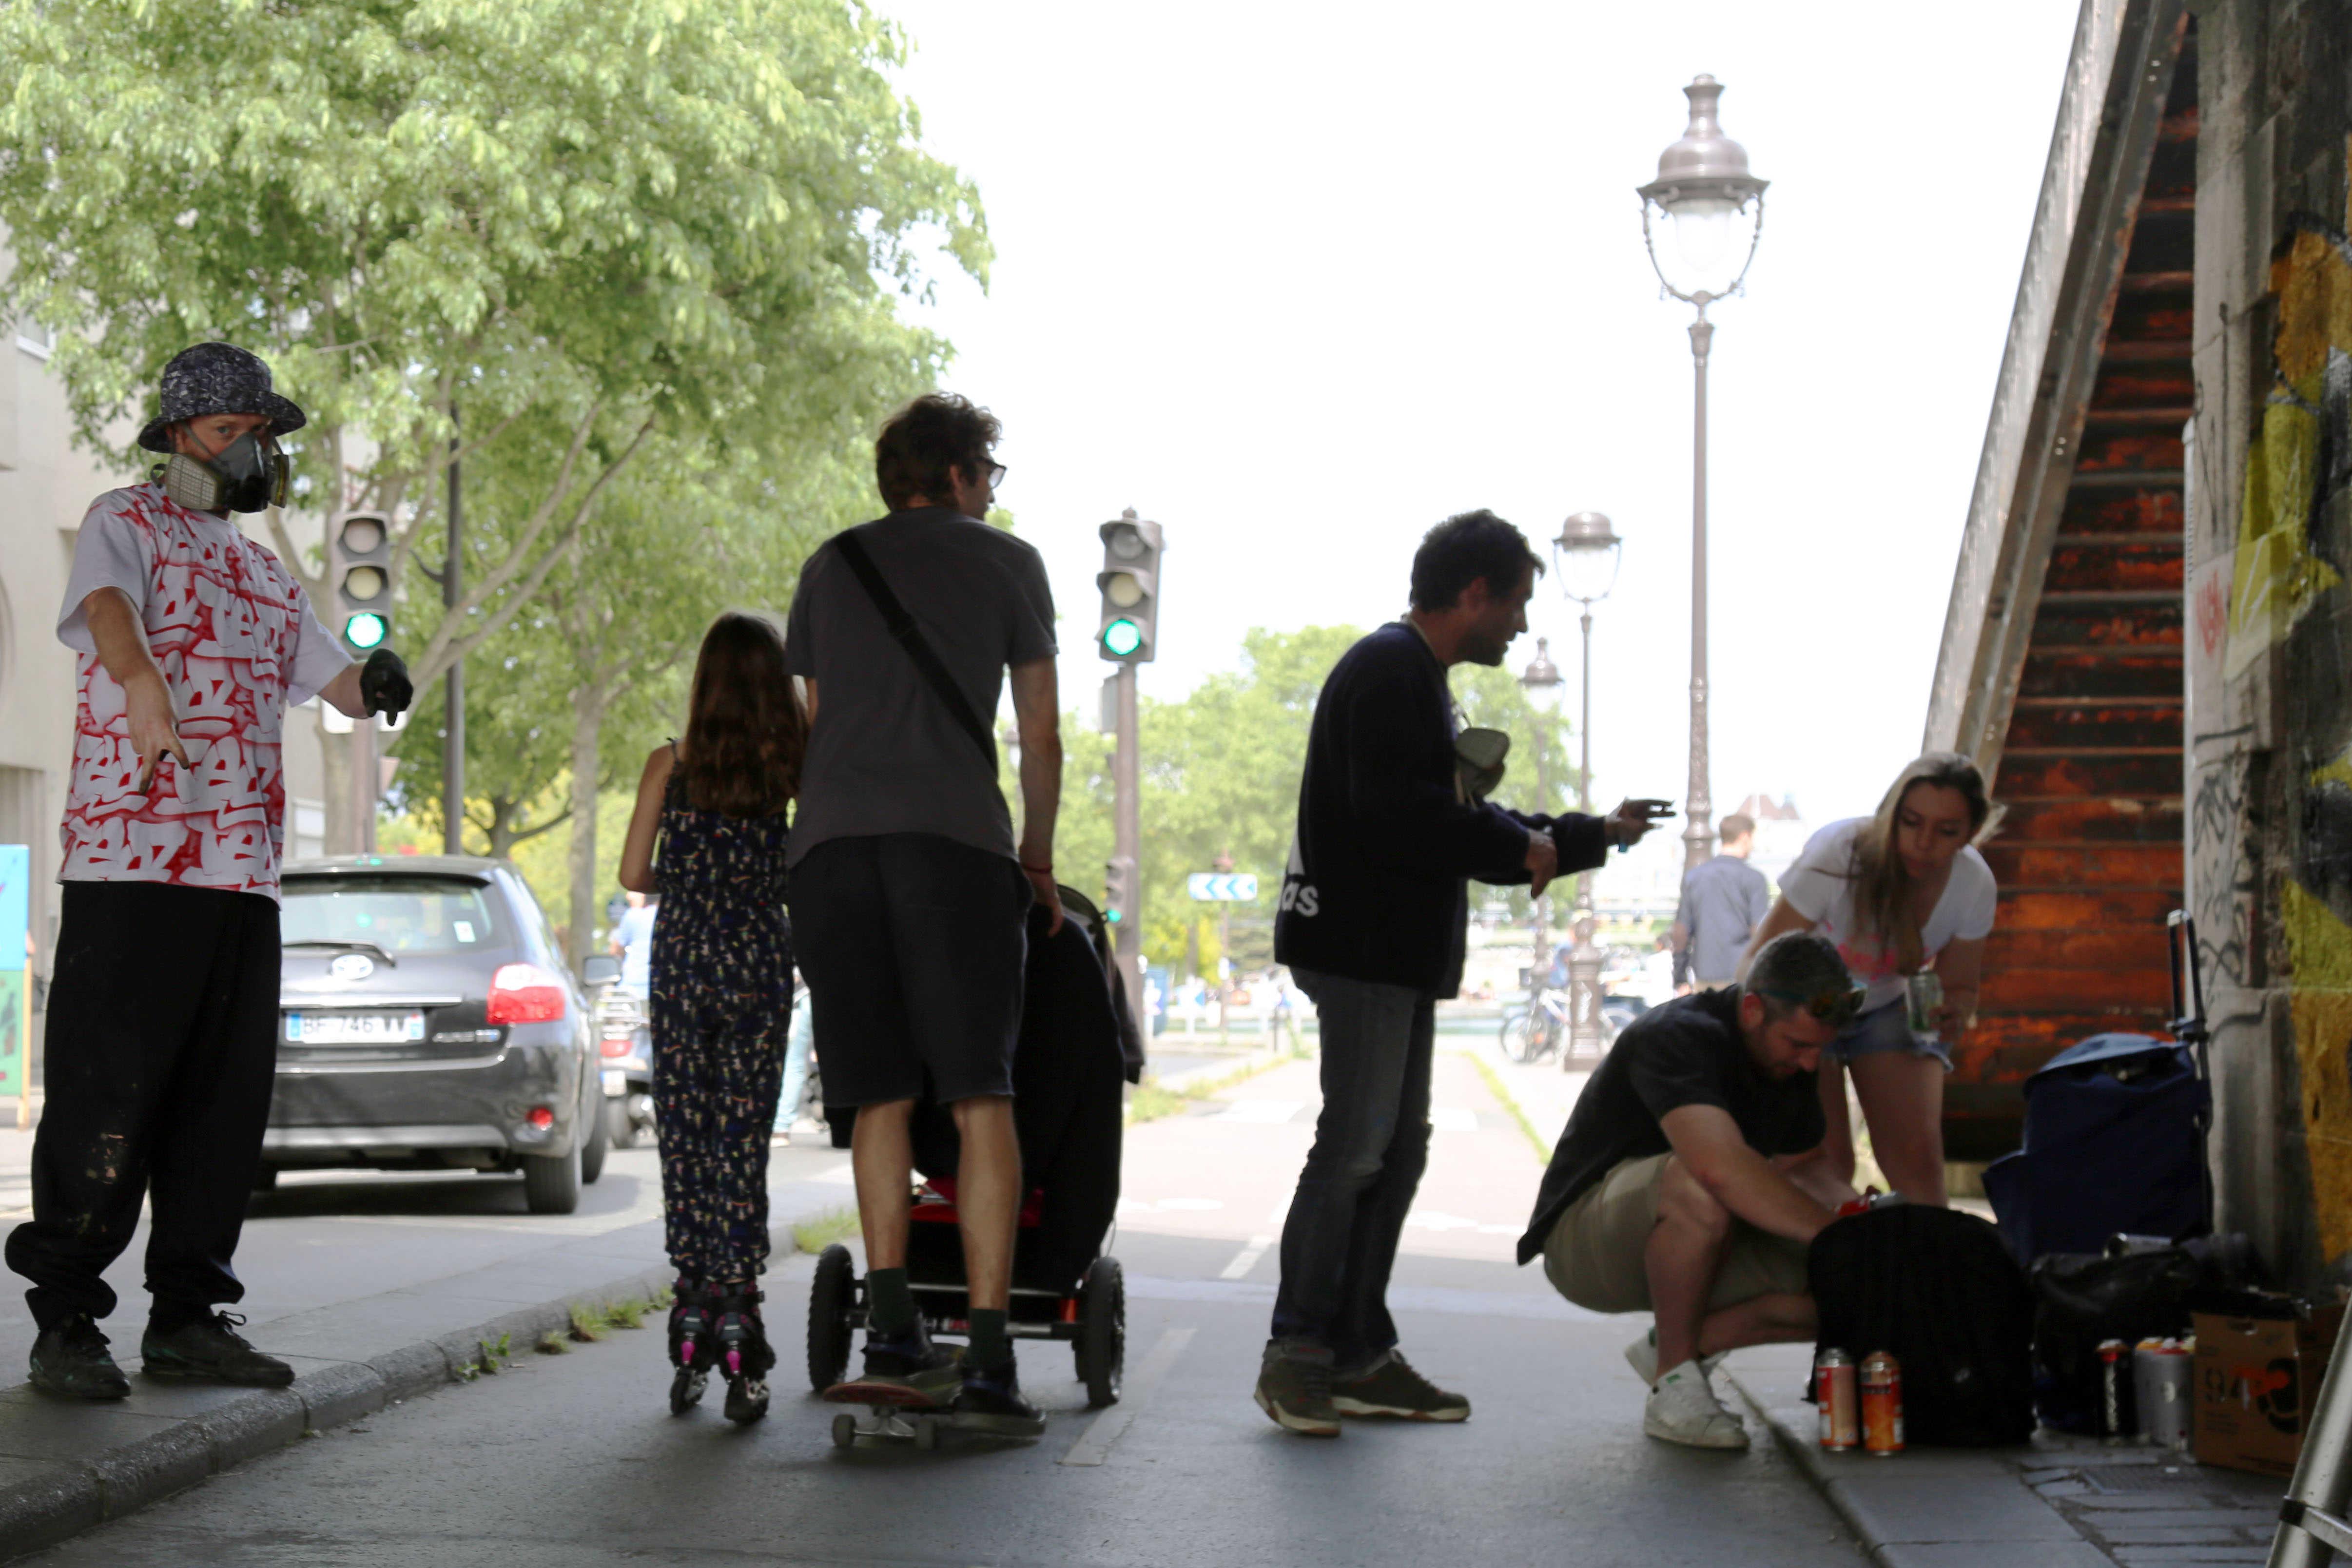 le 1er festival parisien dédié au street-art et aux cultures urbaines : le FestiWall.